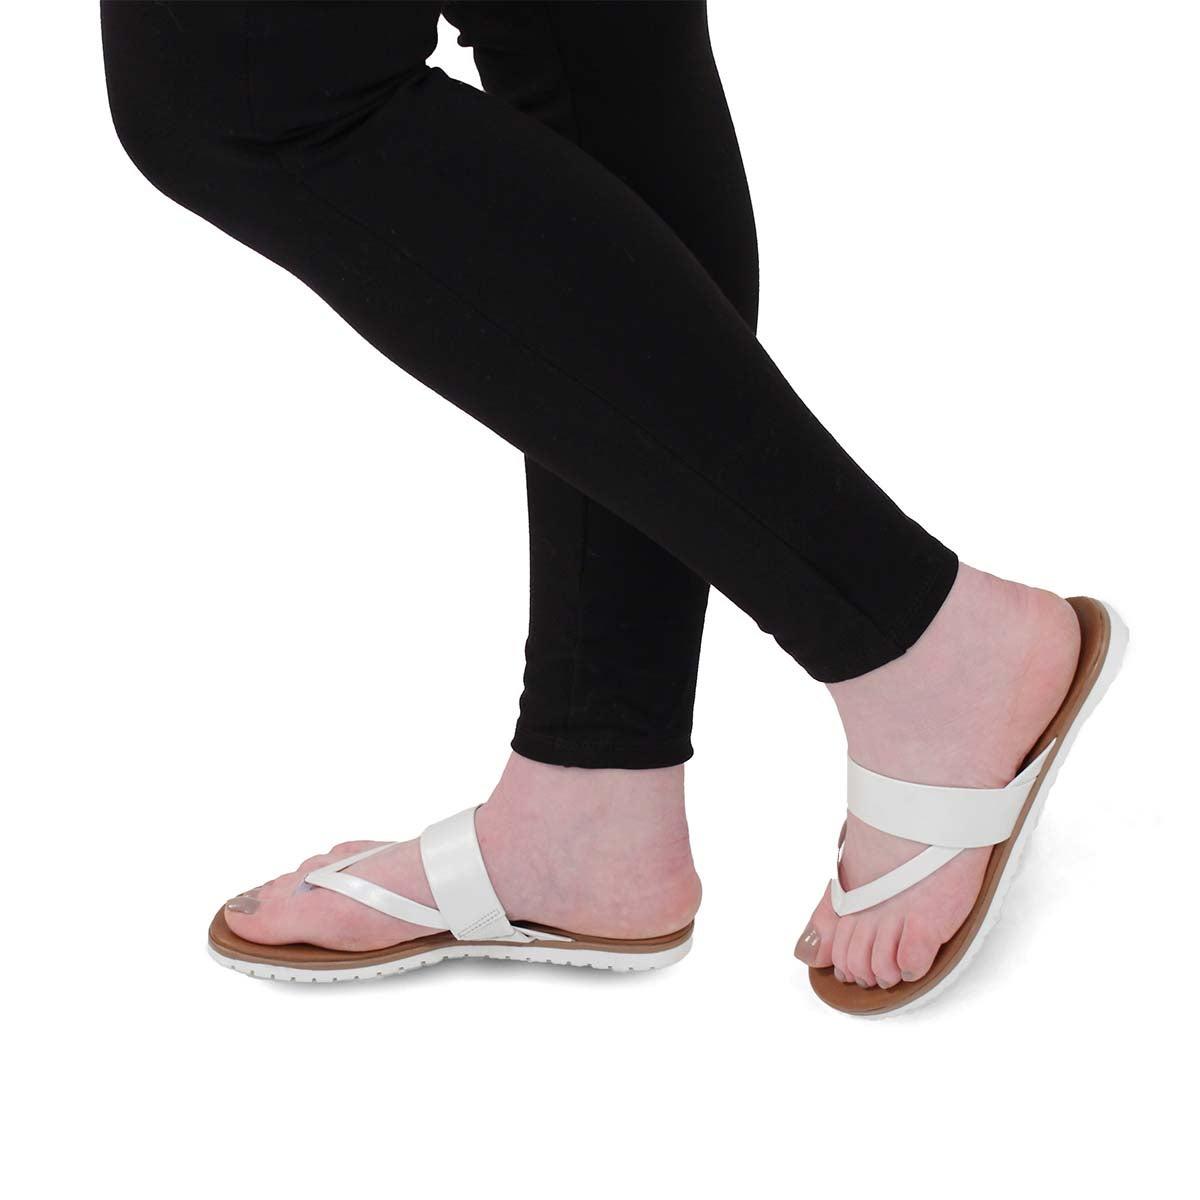 Lds Giselle white thong sandal